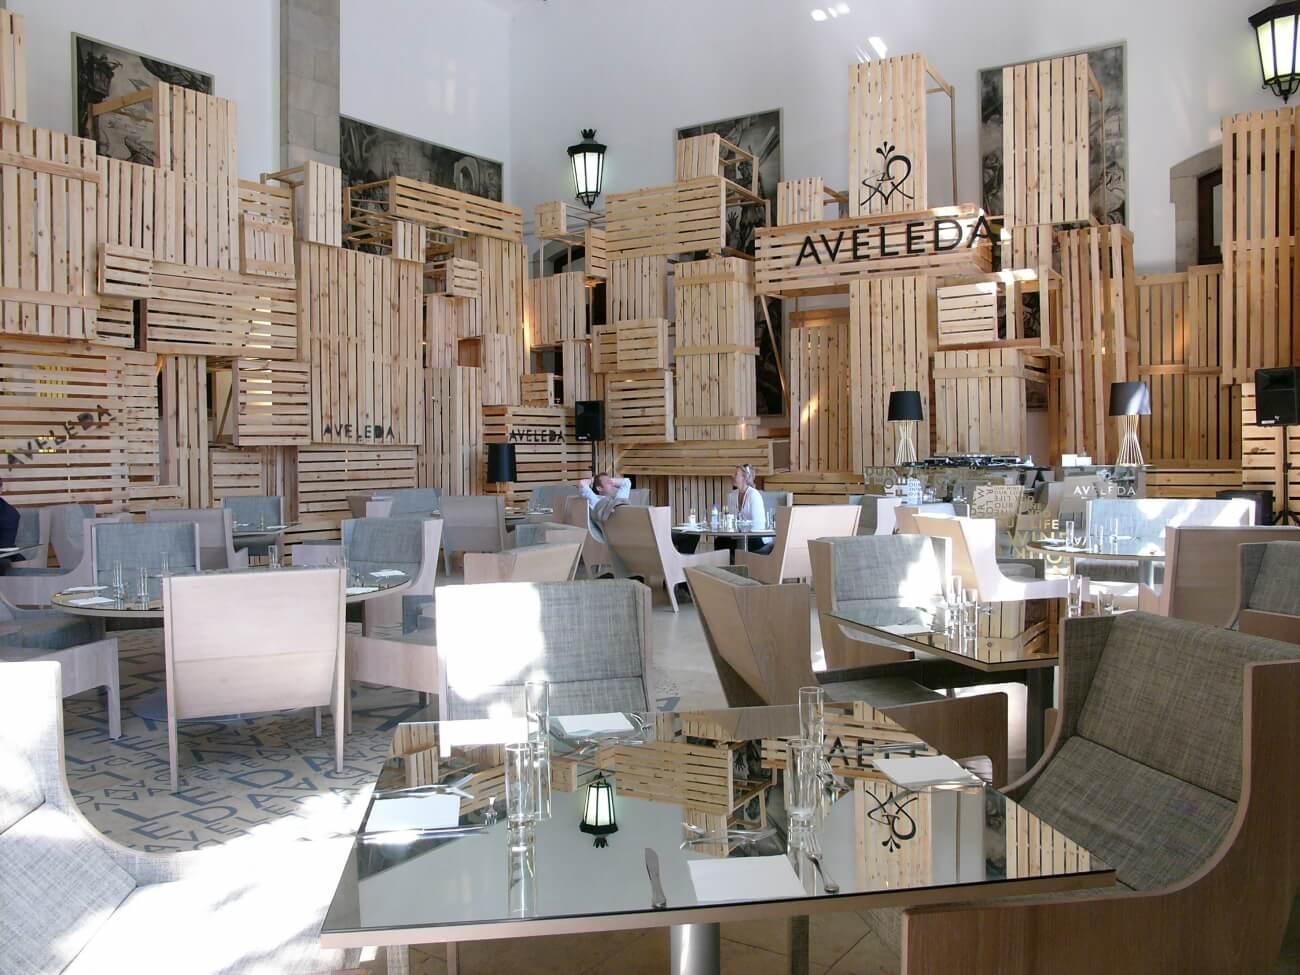 Bergere ontworpen door Autoban en geproduceerd door De La Espada in Aveleda project